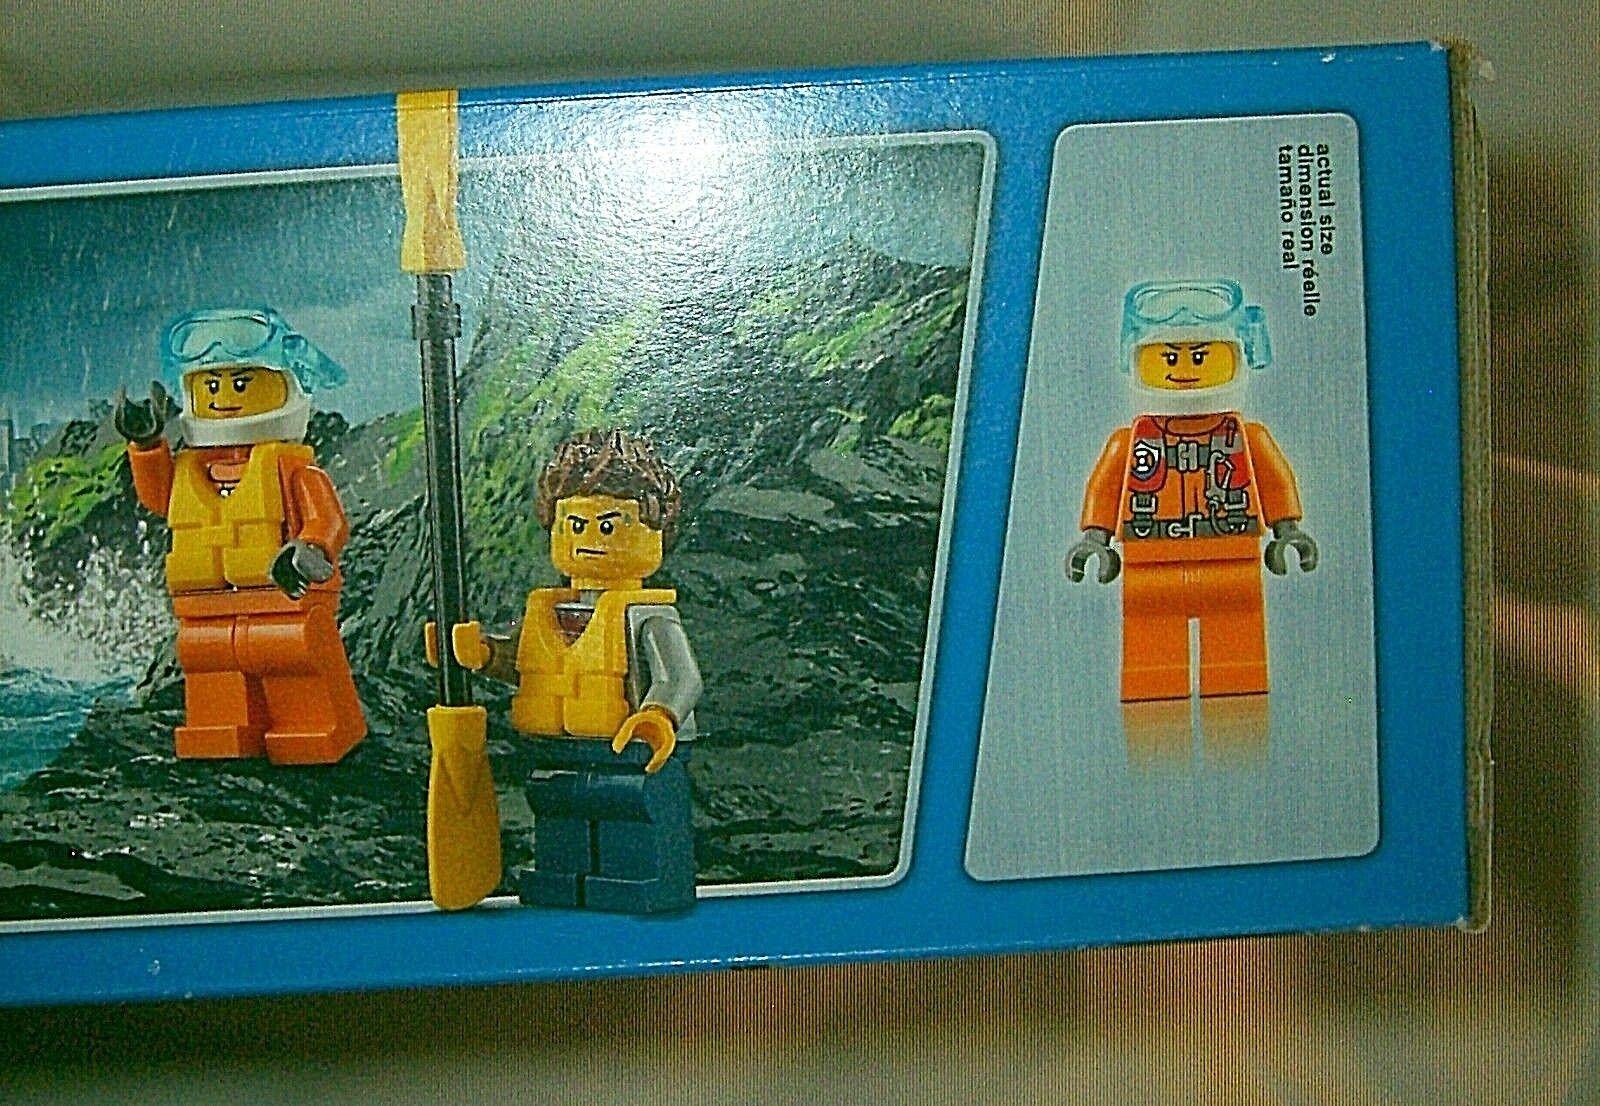 Lego City Heavy-duty Rescue Helicopter 60166, 60166, 60166, 415pcs NIB 896809